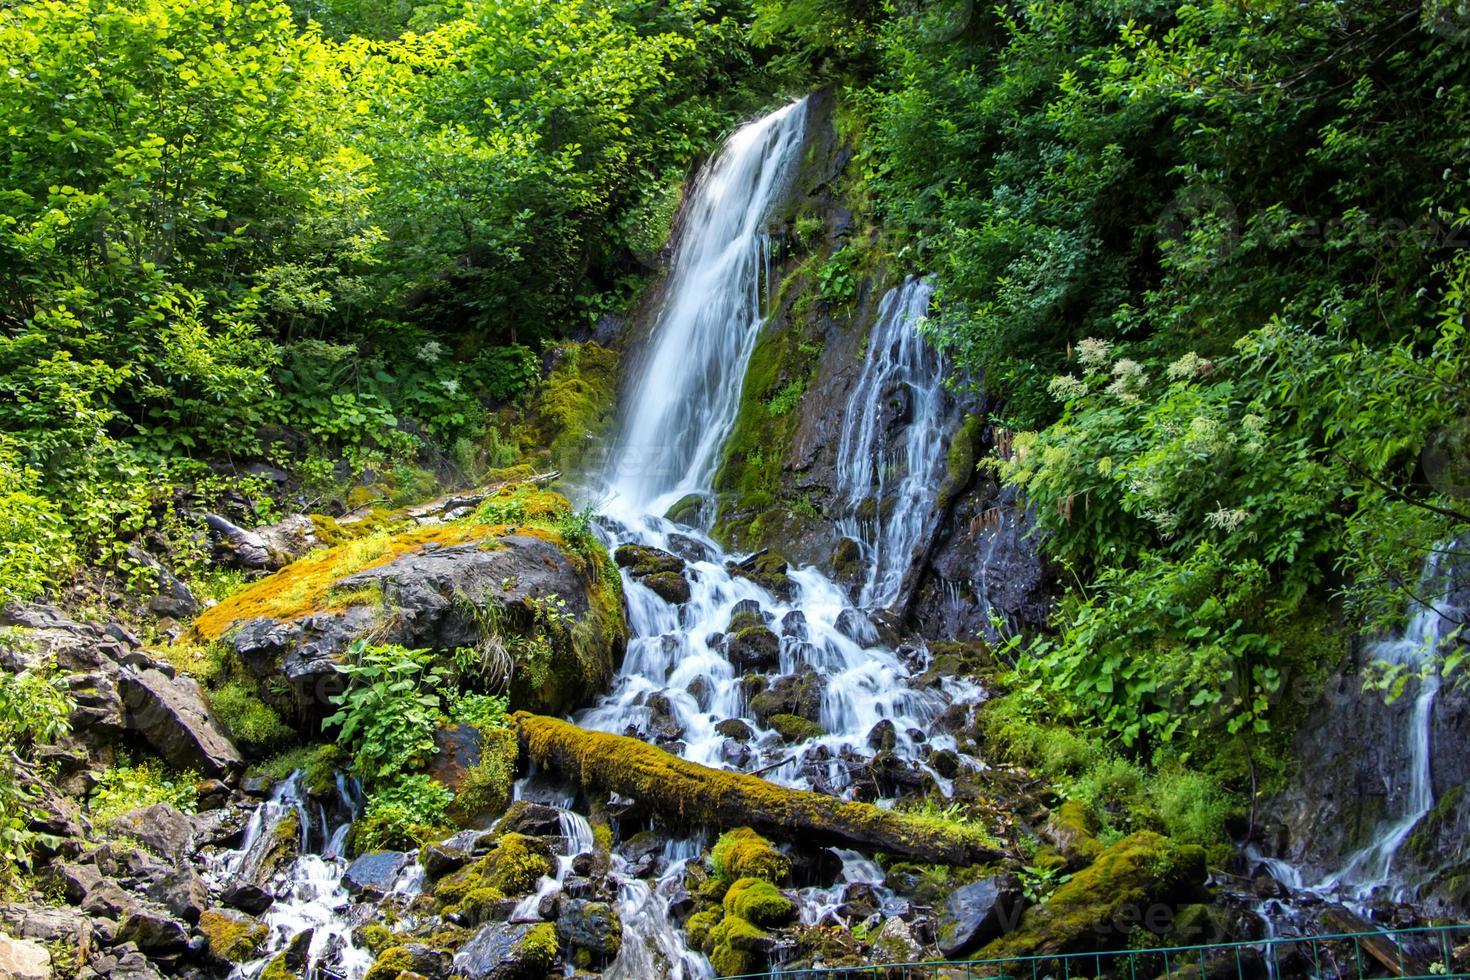 foto de cascada en montañas verdes